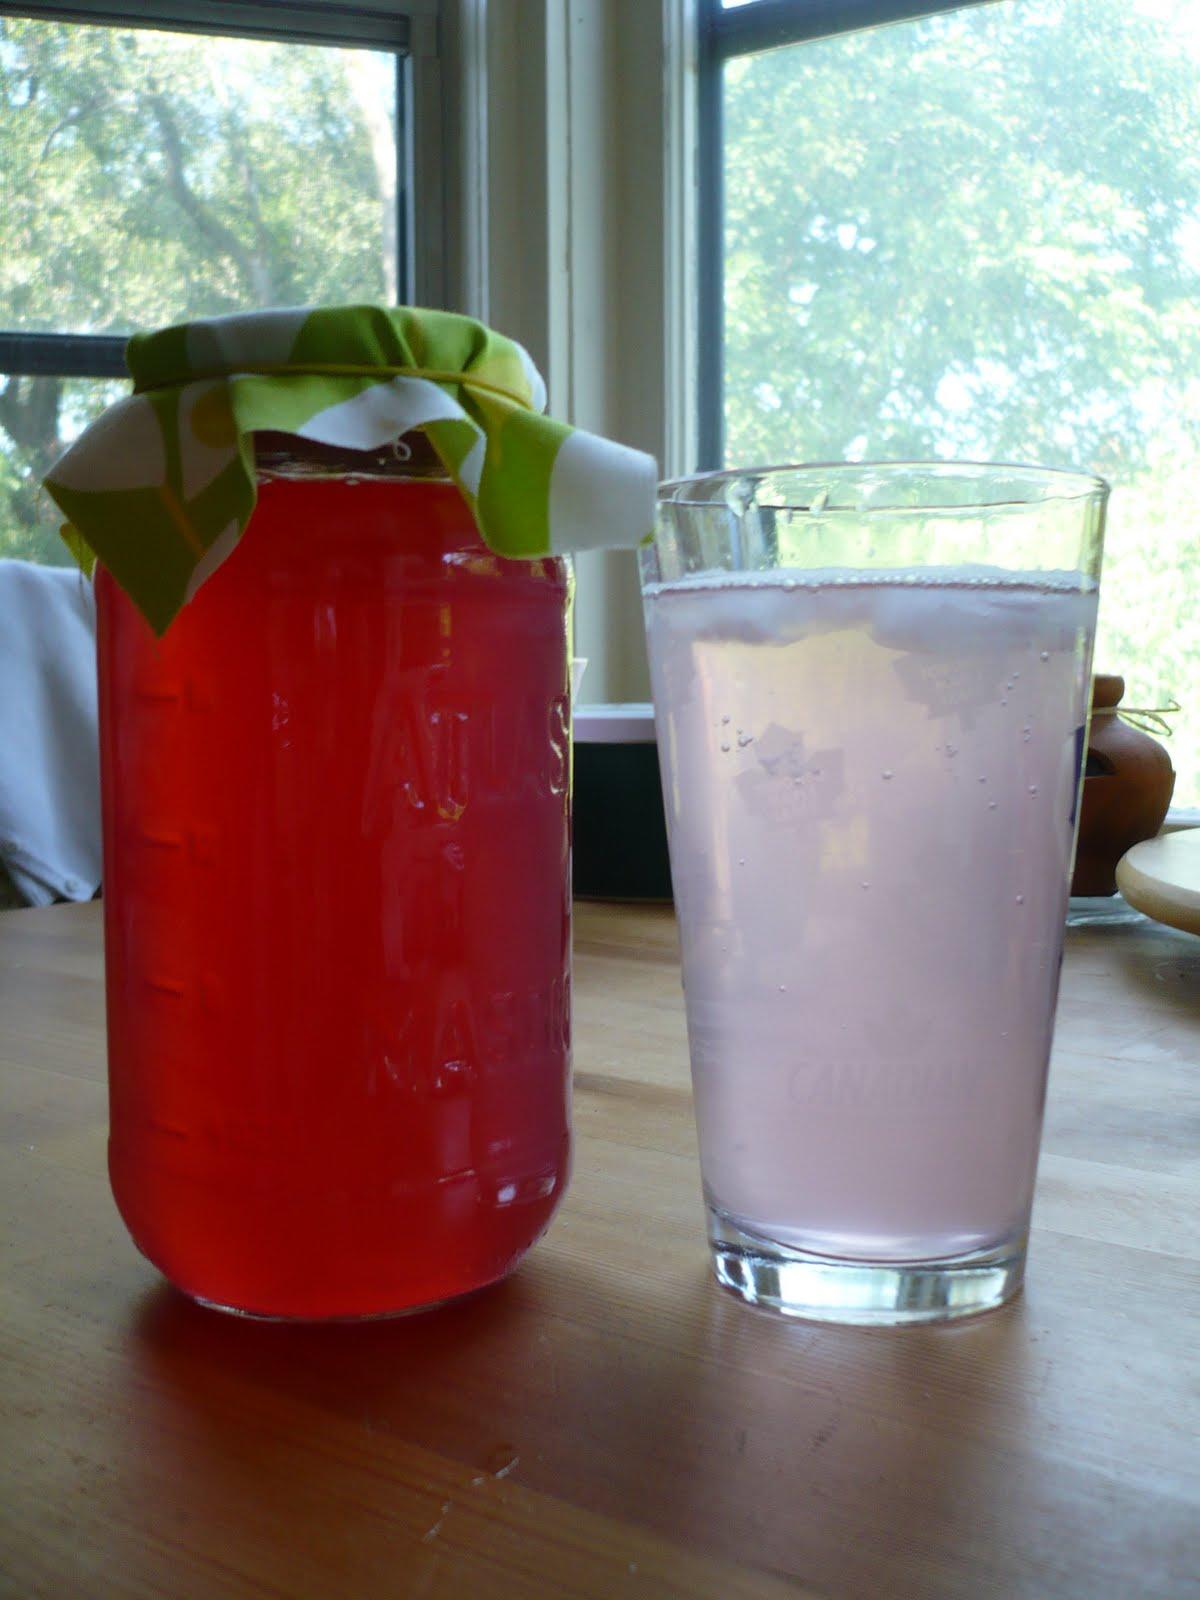 Miss Print: It's a Rhubarb Kinda Day